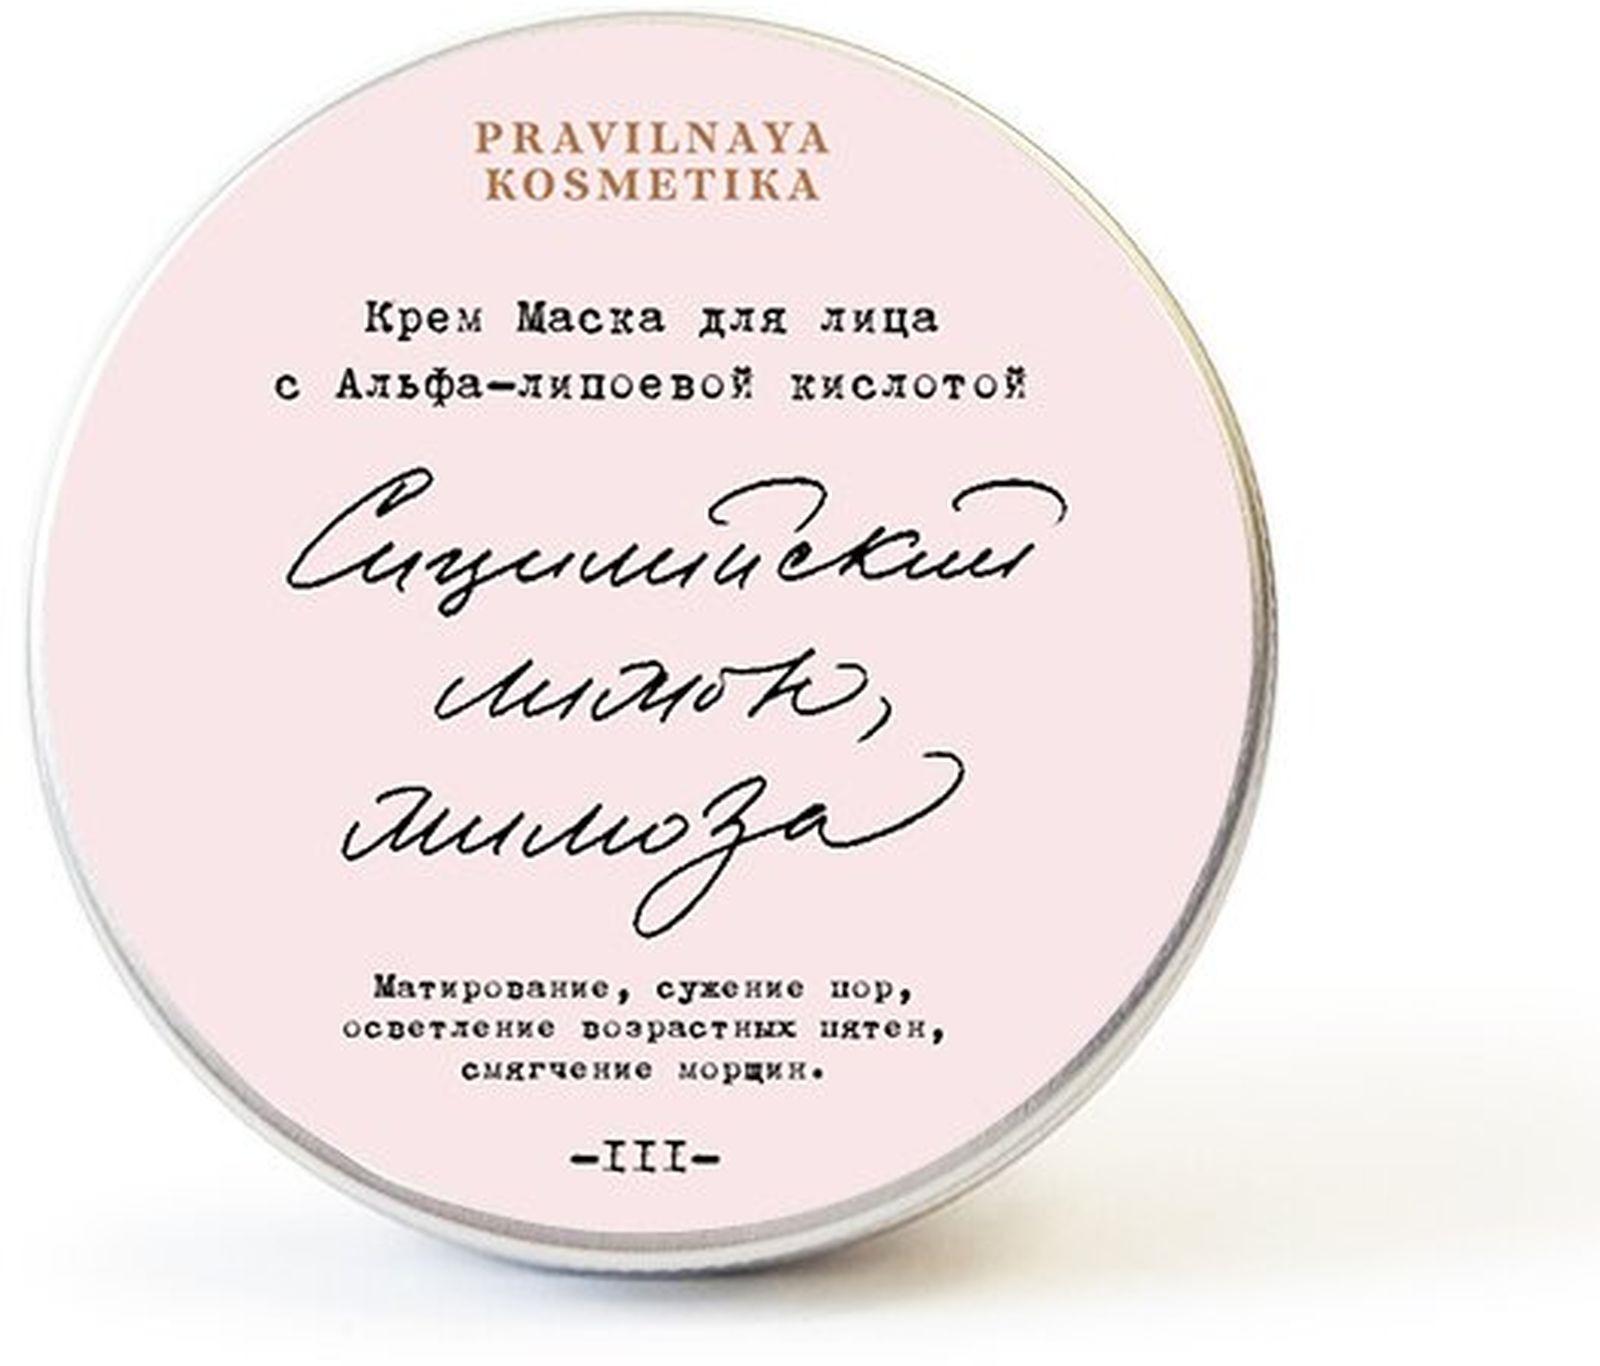 Крем-маска для лица Pravilnaya Kosmetika Сицилийский Лимон & Мимоза, с альфа-липоевой кислотой, 50 г косметика маска